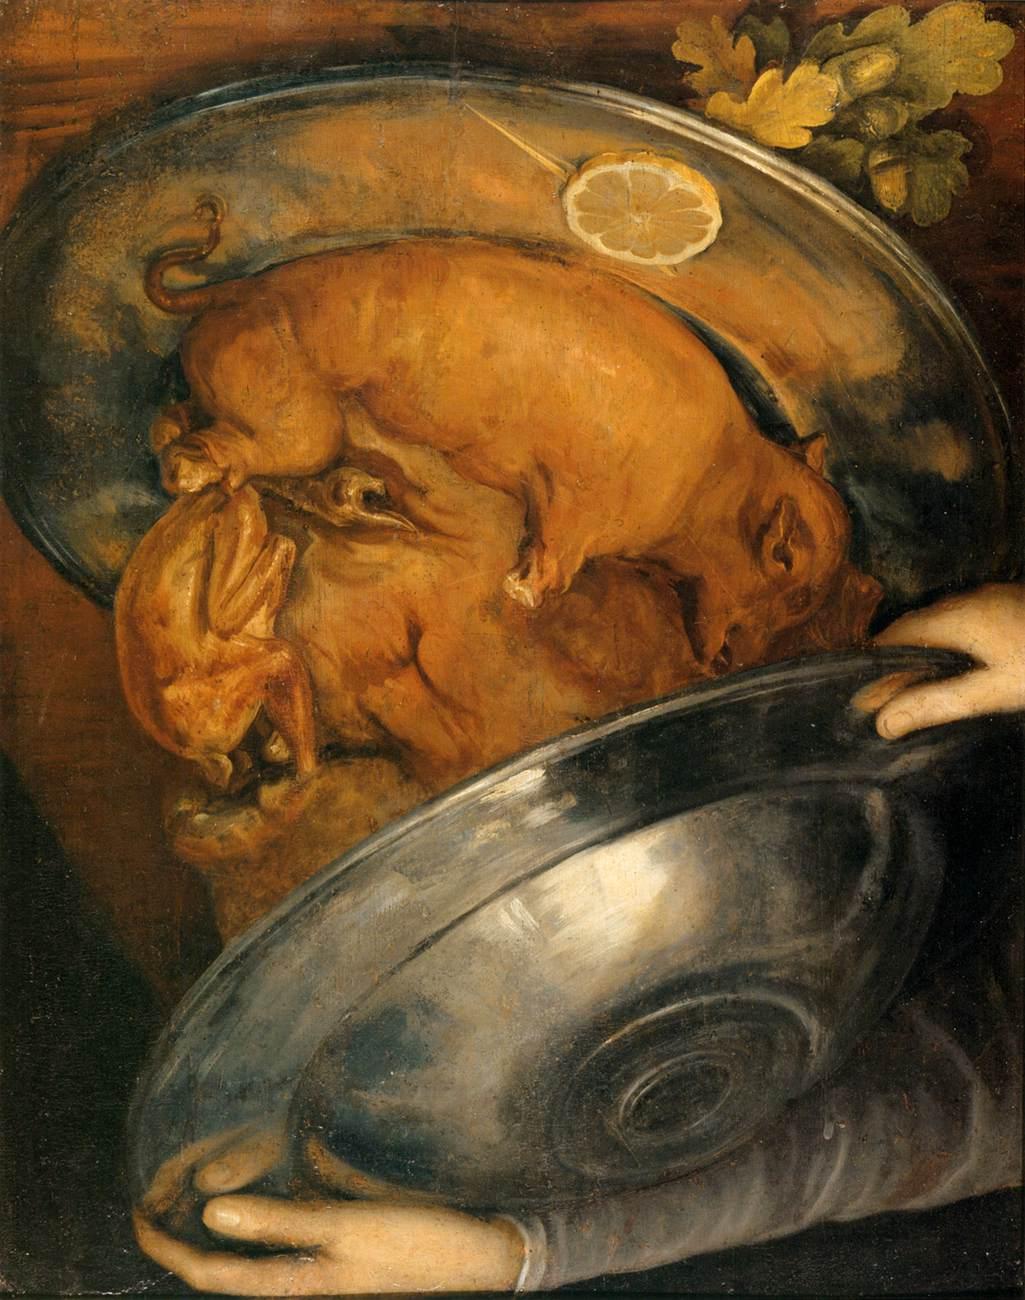 """Фото 13. """"Повар"""", 1570. Масло на панели. Картина-перевыртыш"""